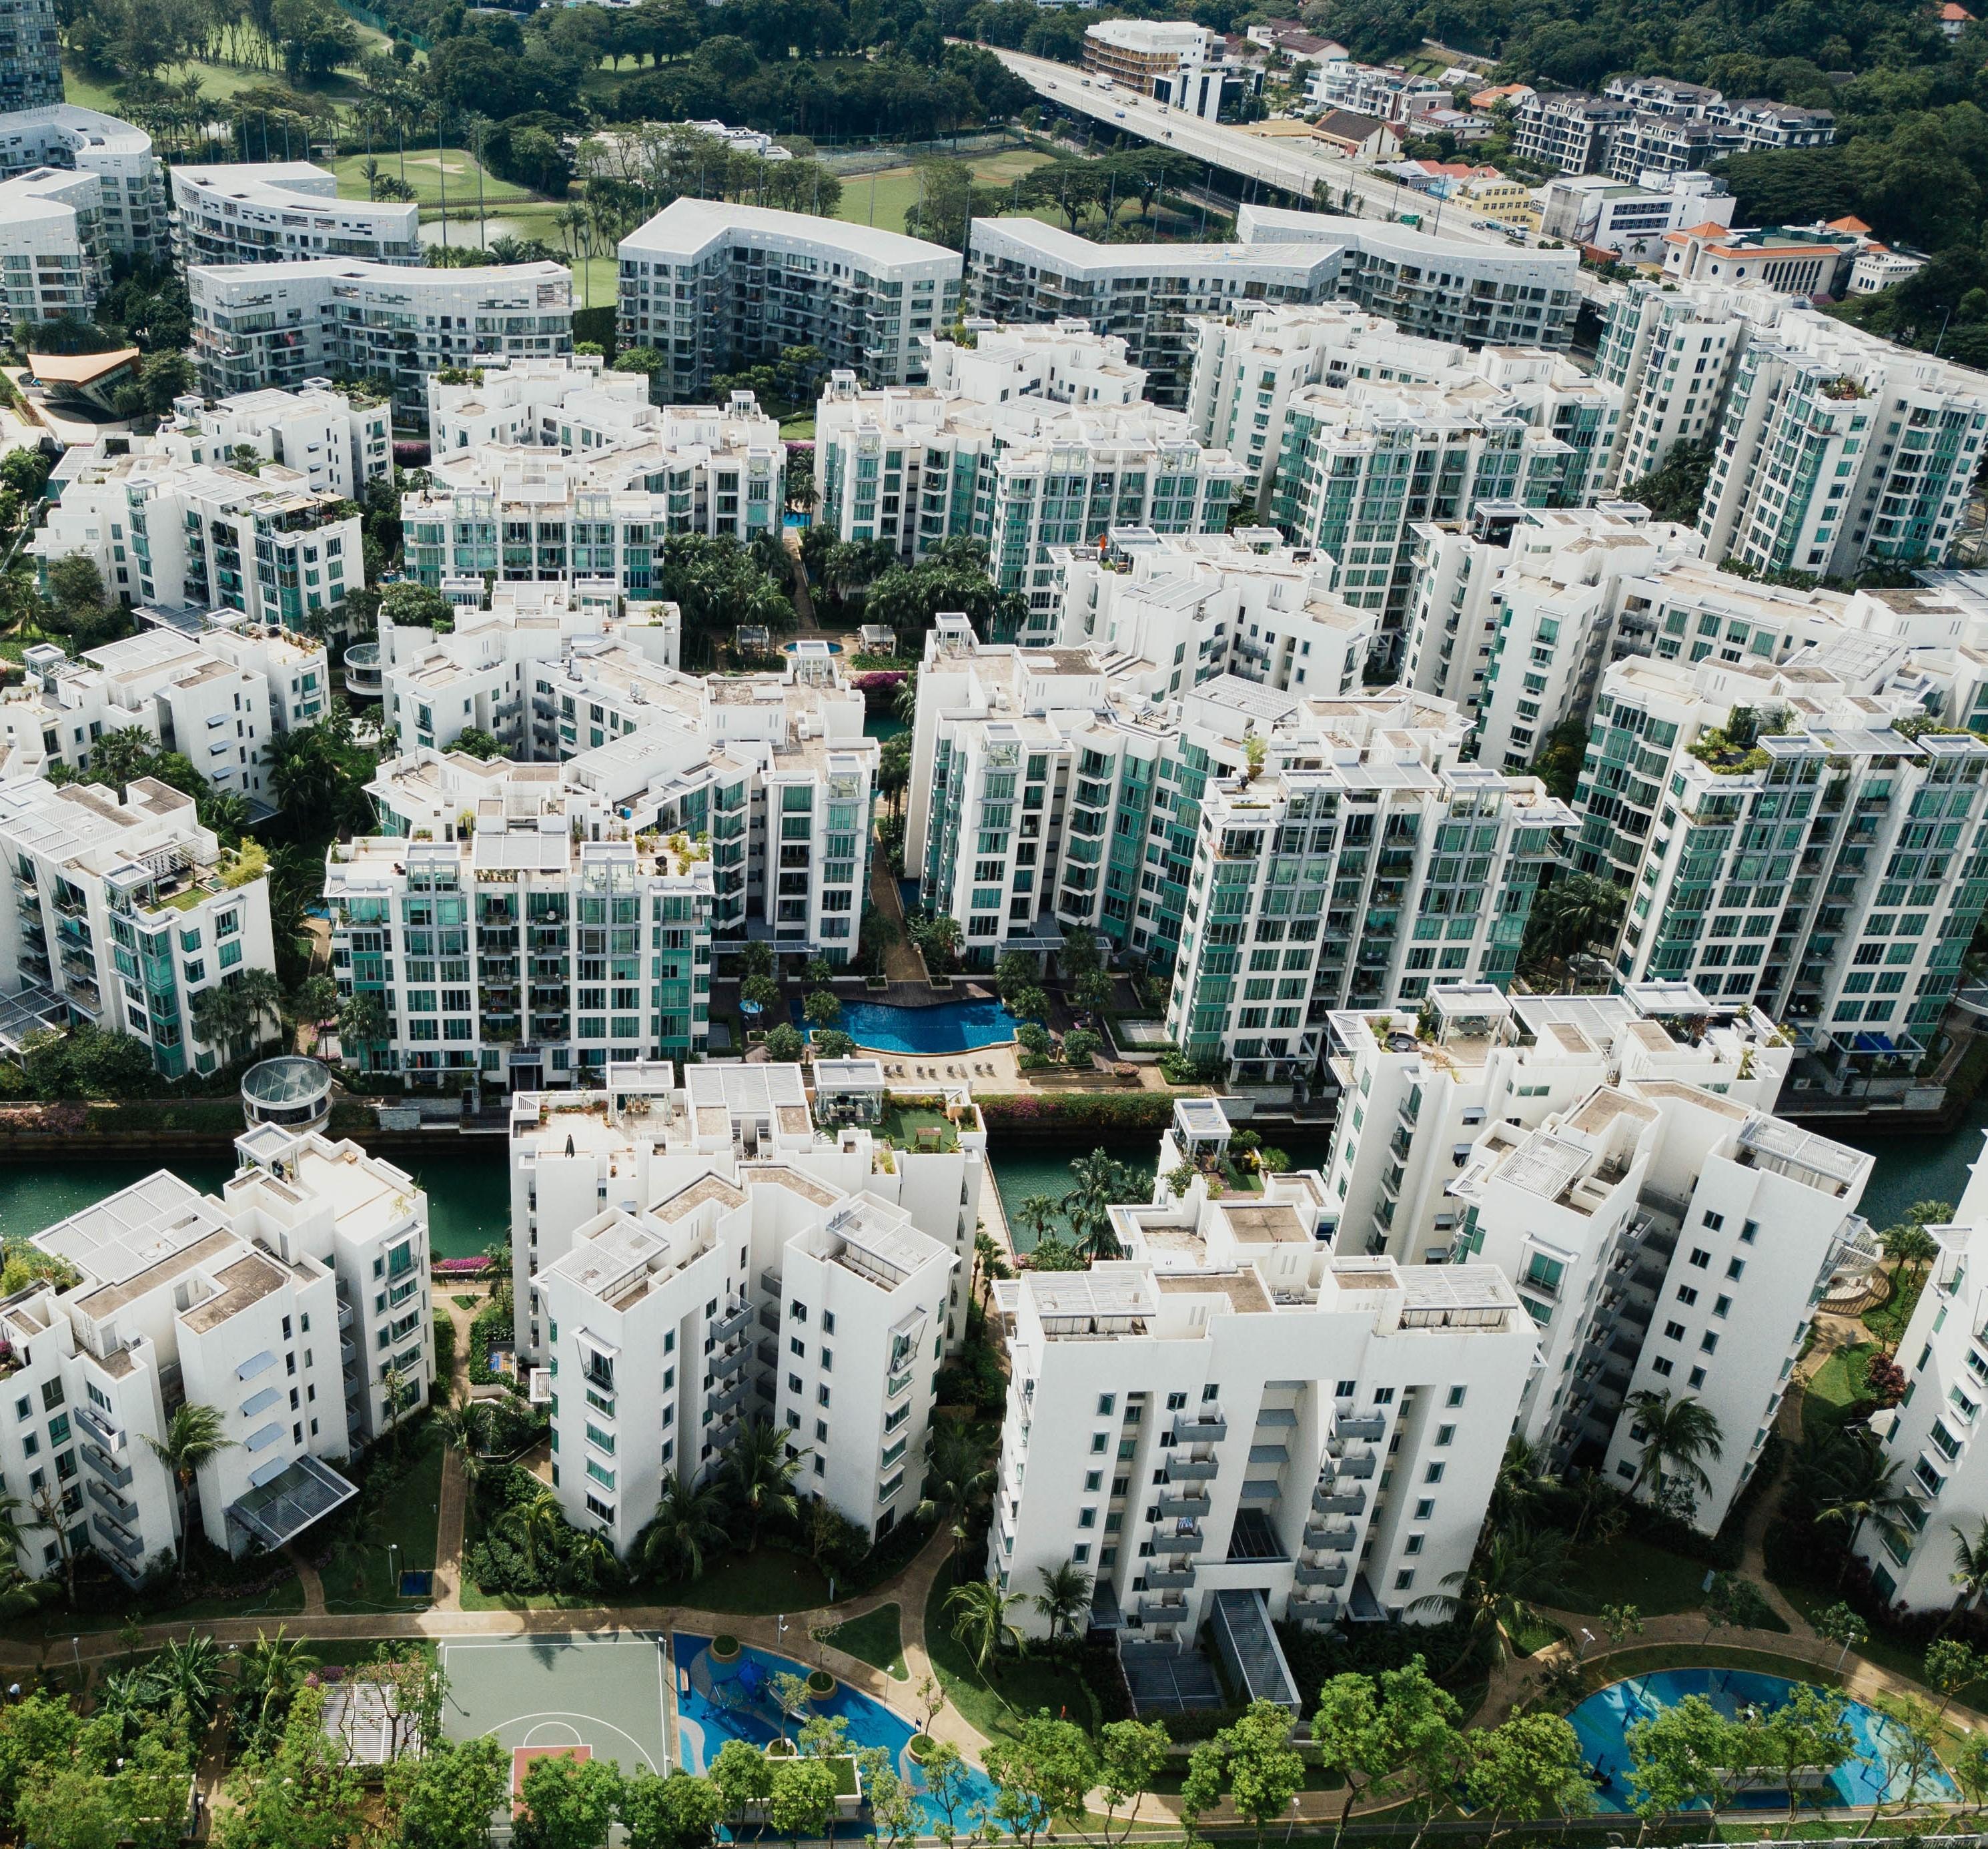 Condominium recent market trends